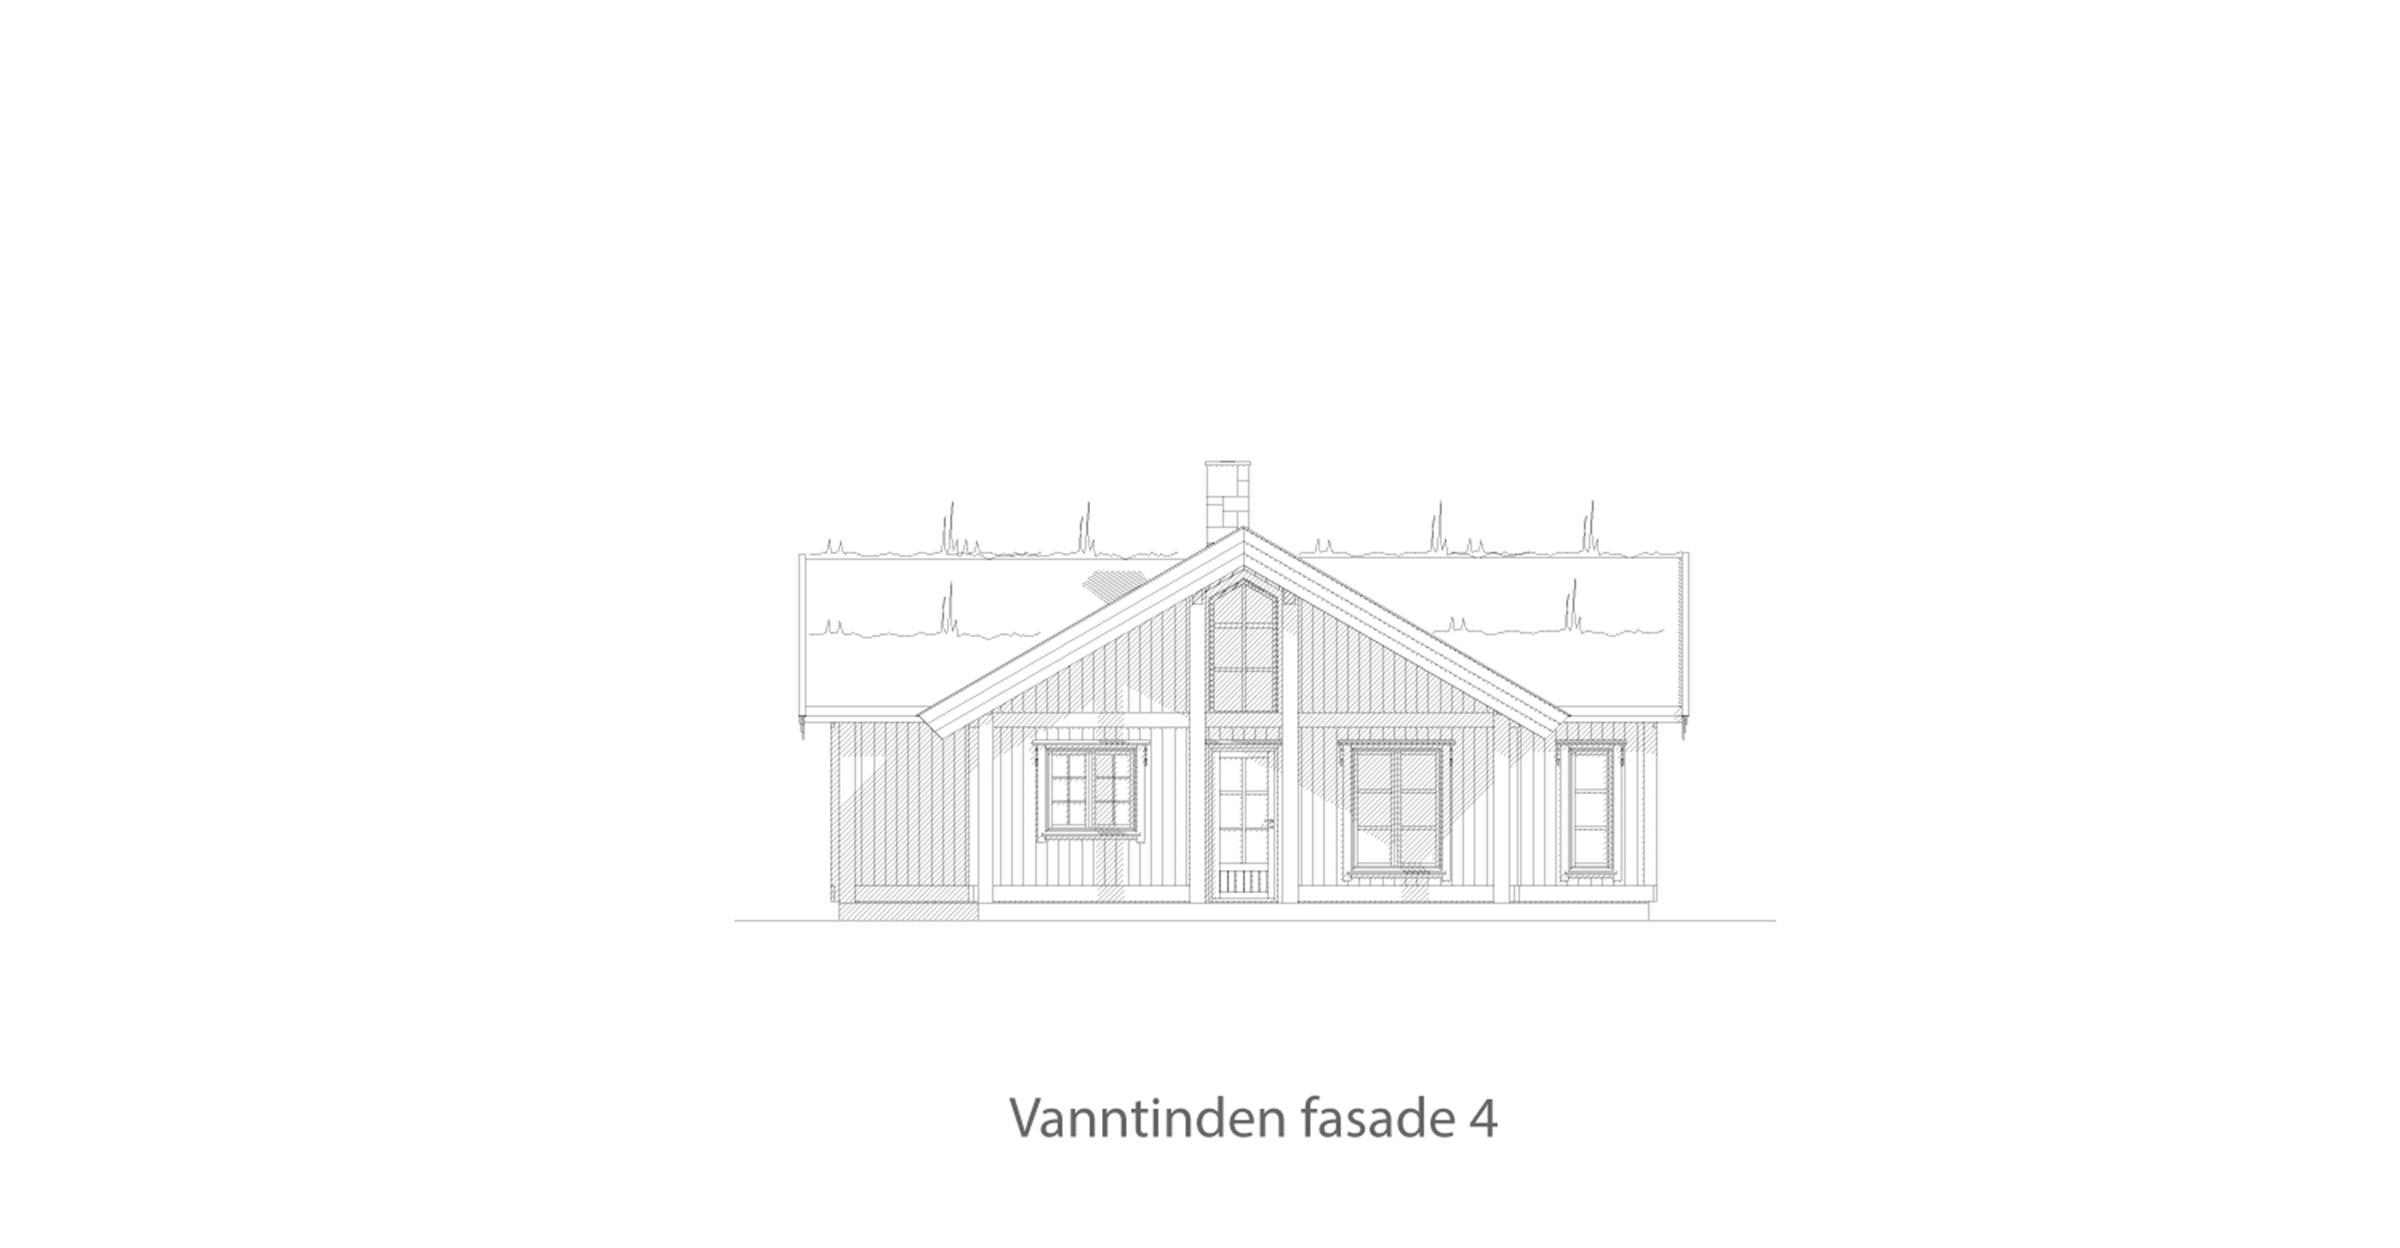 Vanntinden fasade 4